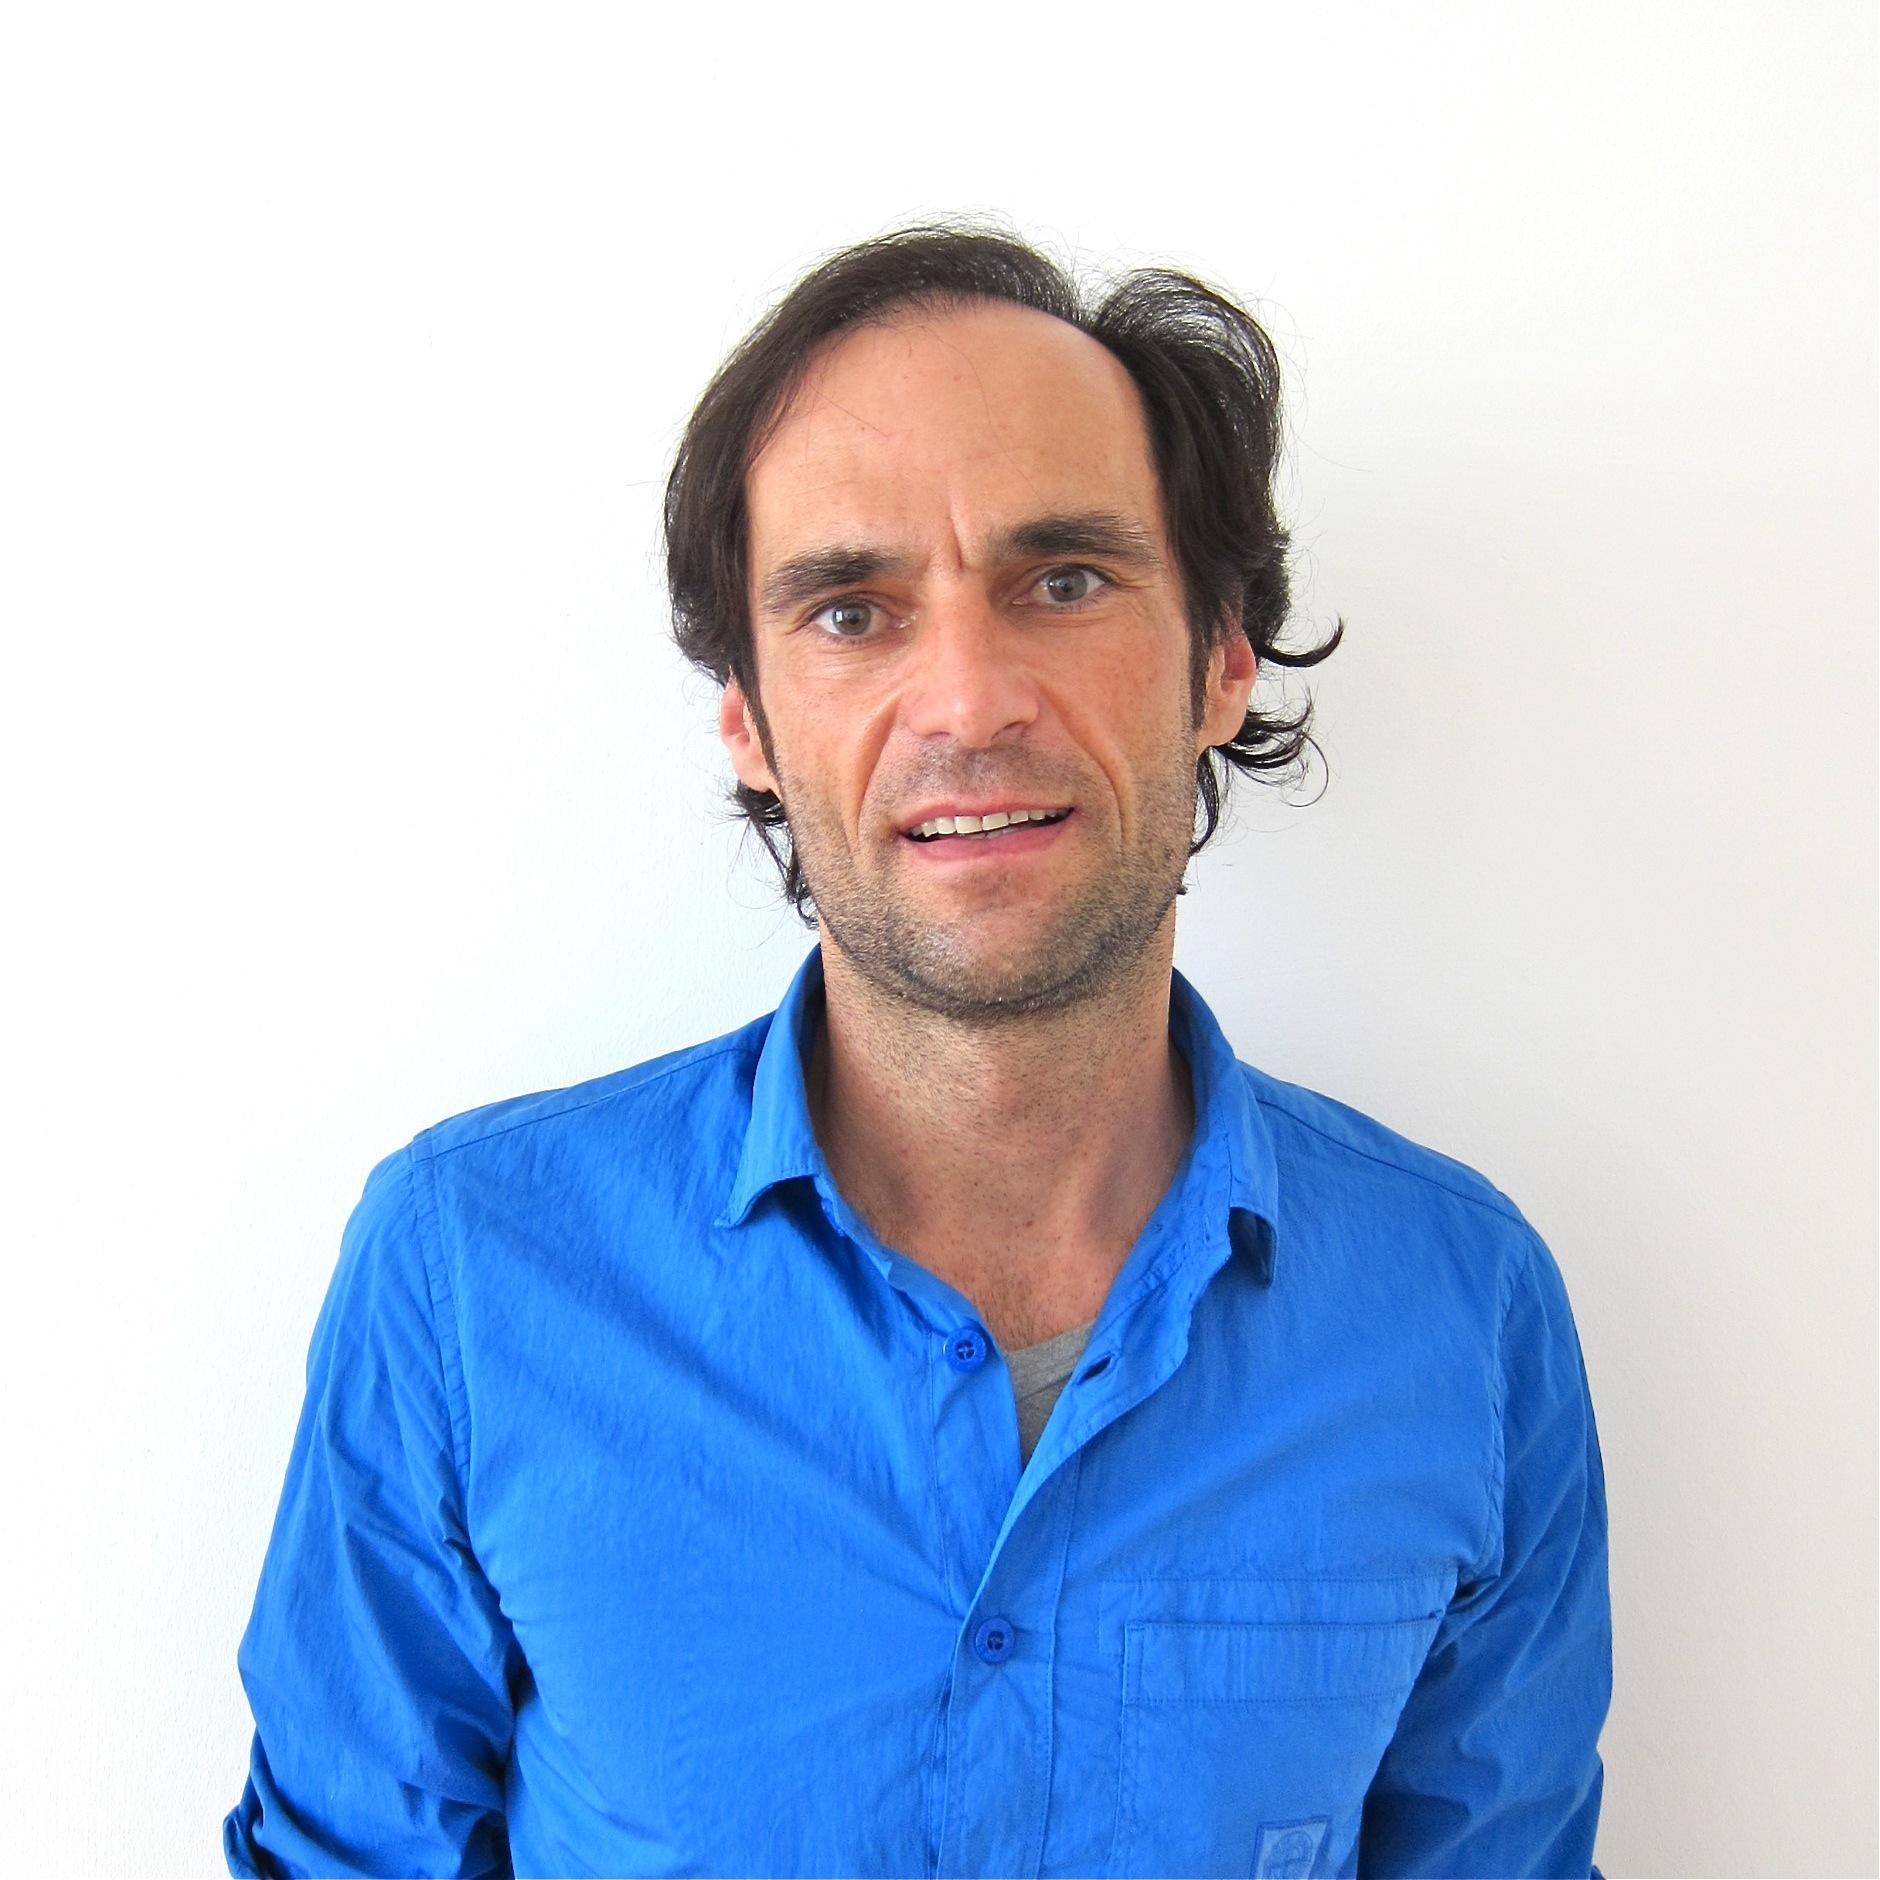 Mag. Axel Dinse ist Ernährungsberater bei Urban Health Concept in Wien